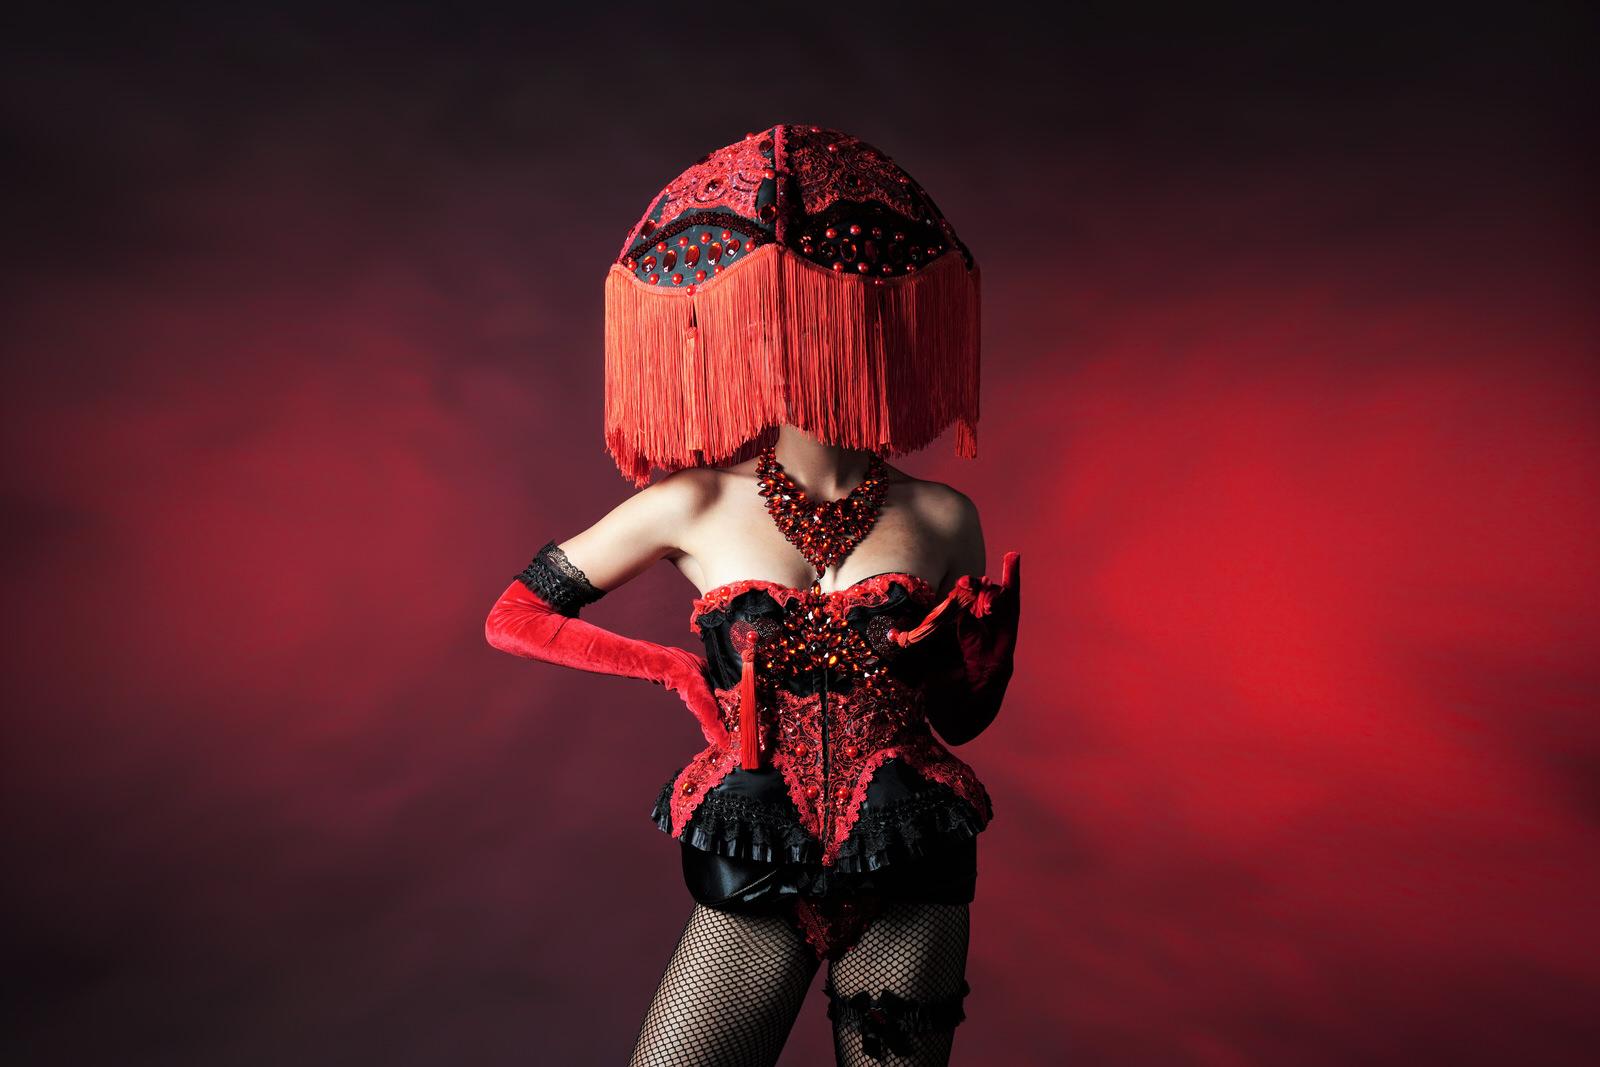 Moulin Rouge kostuum, Danseres, danseressen Burlesque, act, entertainment, valentijn, liefde